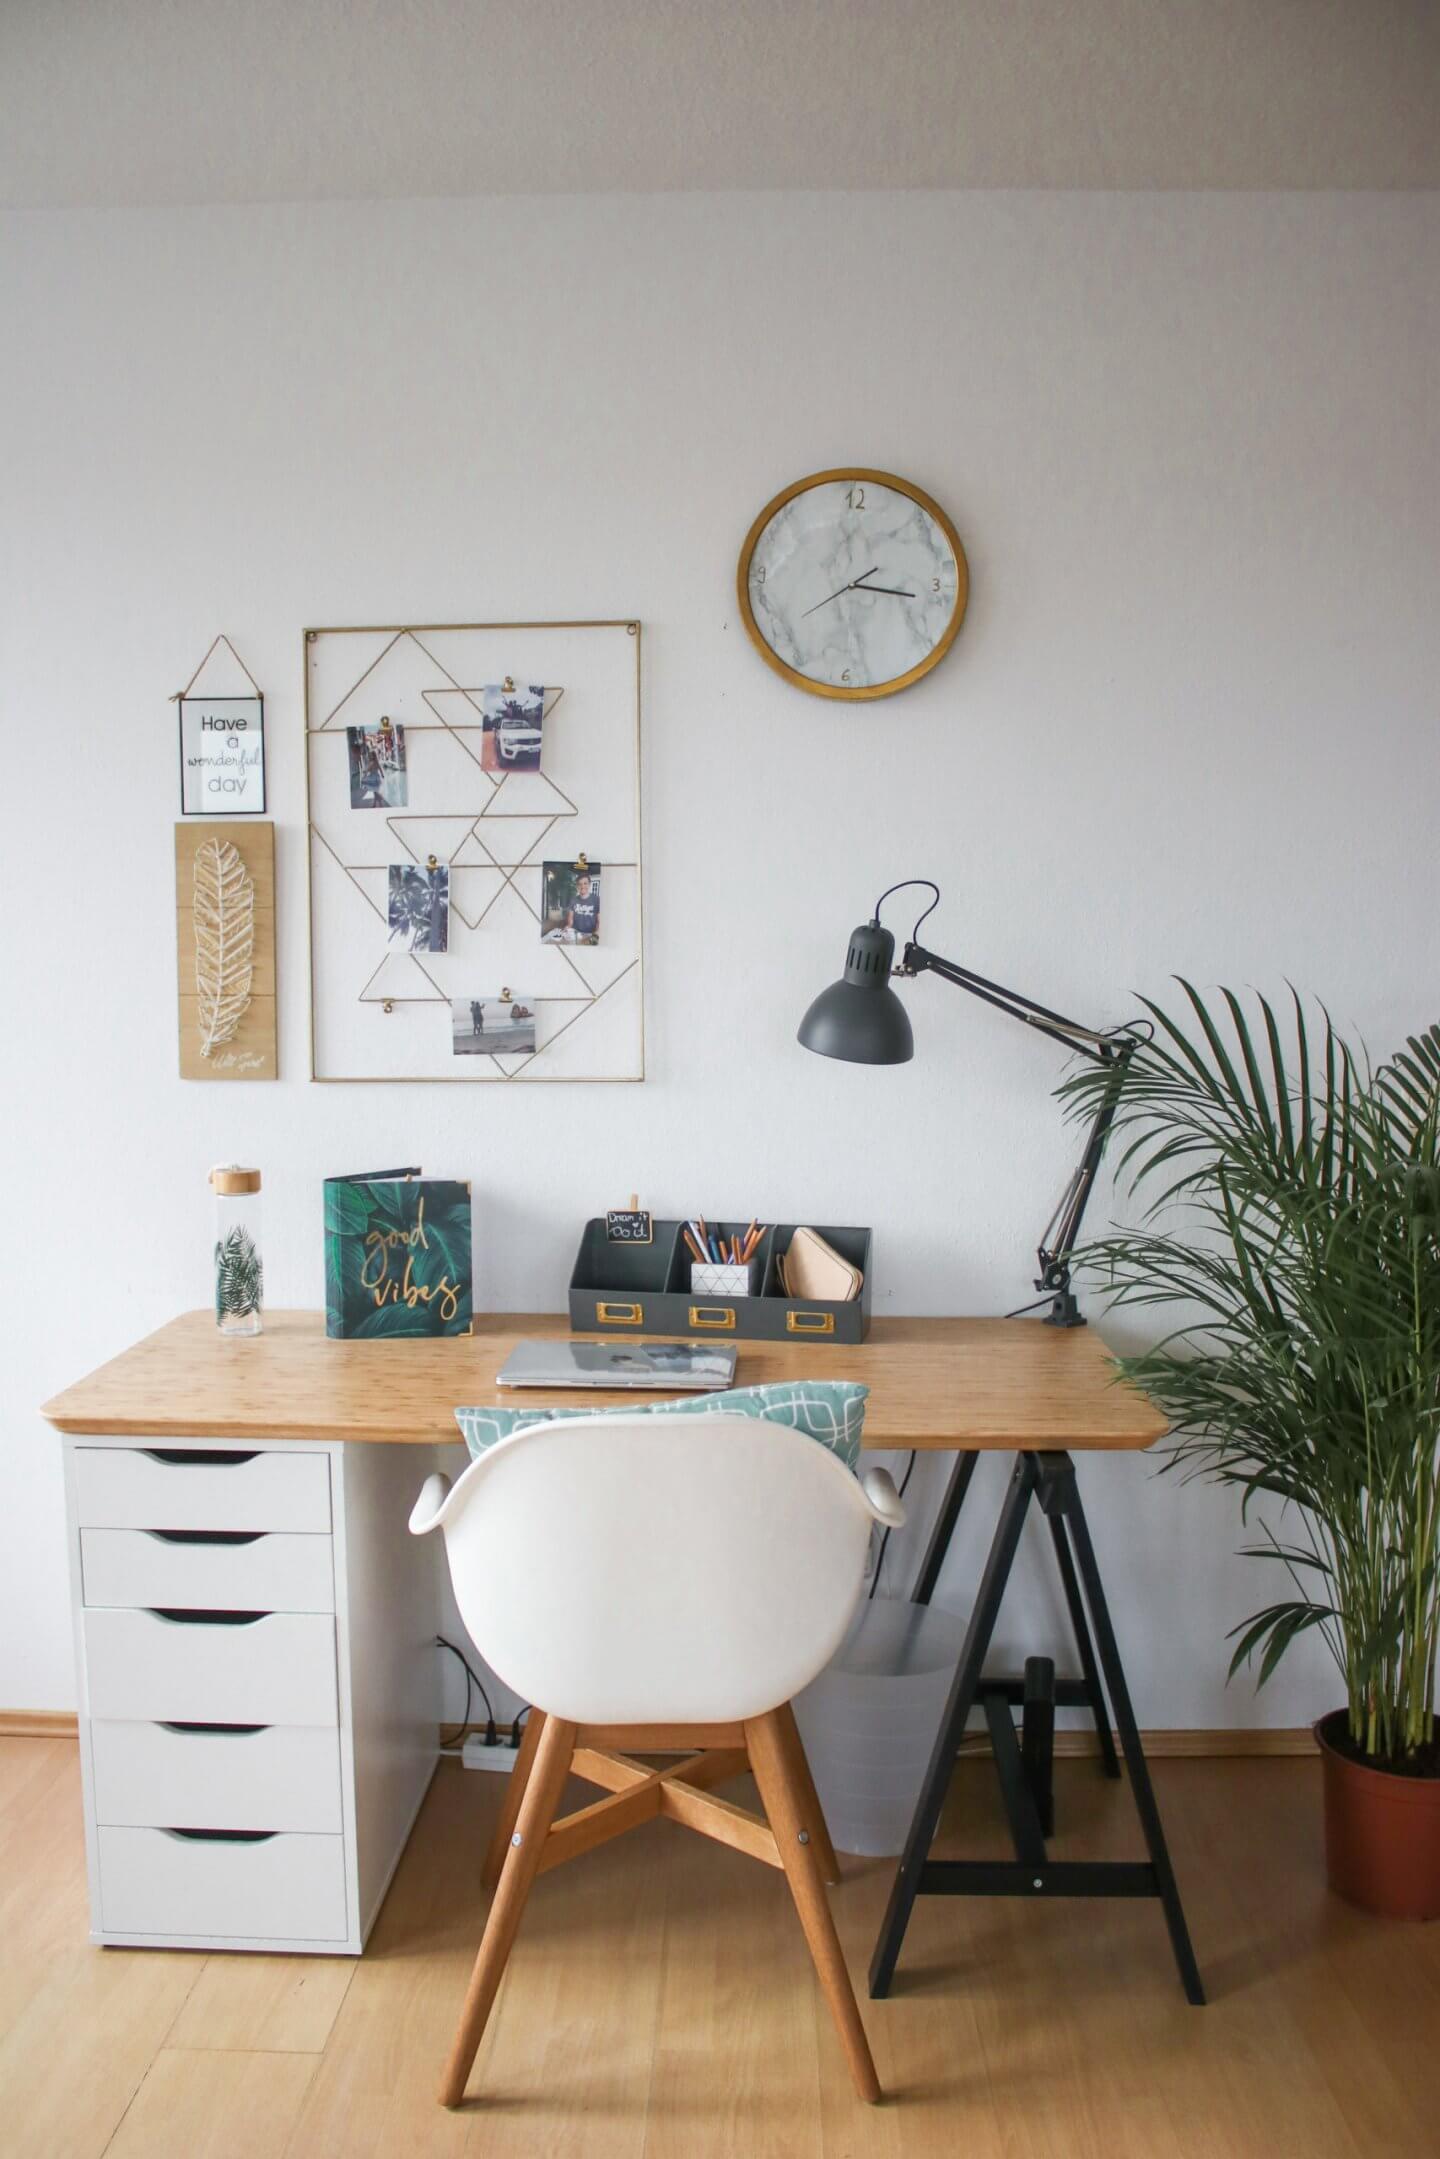 Schreibtisch DIY – Idee, um einen Schreibtisch selber zu bauen